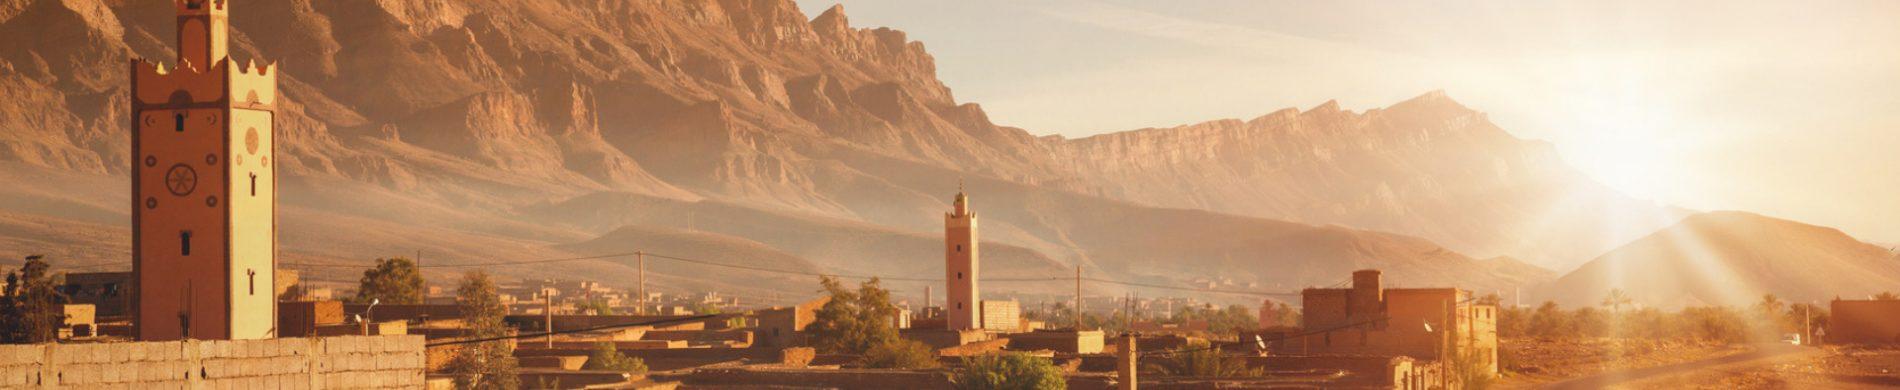 Maroc - Escalade à Taghia - Les matins du monde